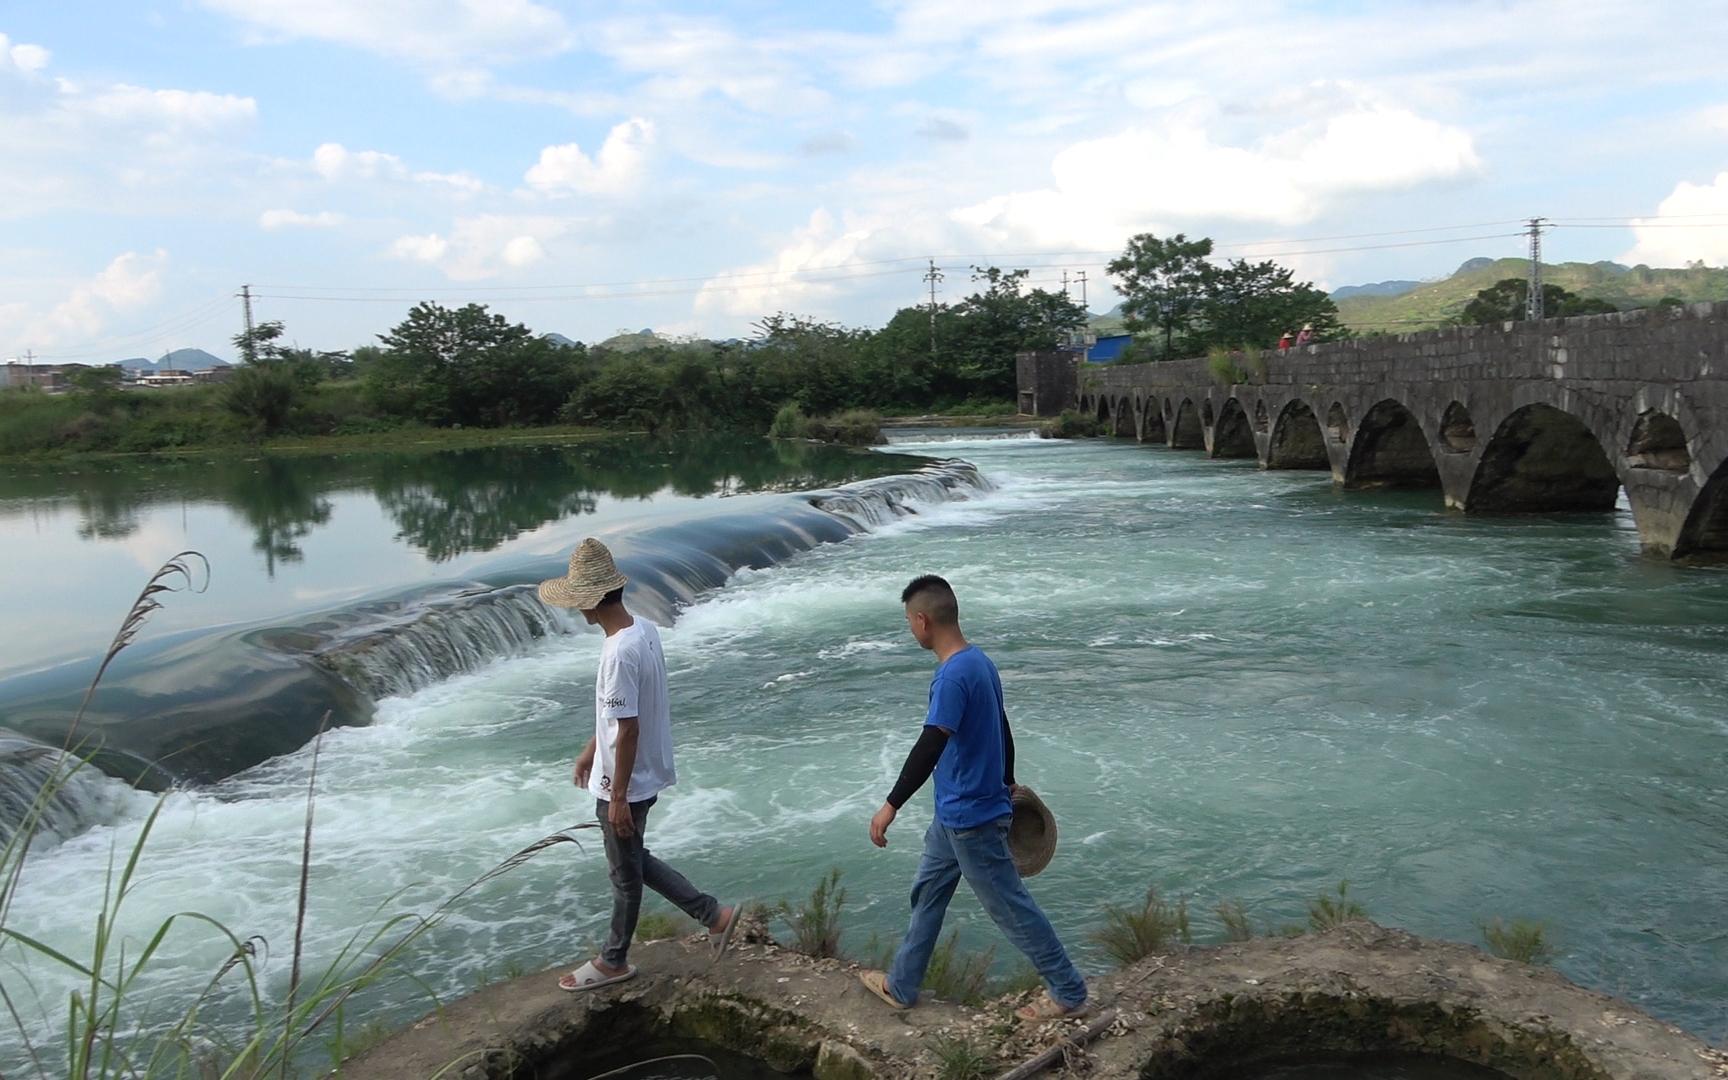 农民利用水位落差发明永动水轮泵,运转几十年不费油电,太牛了